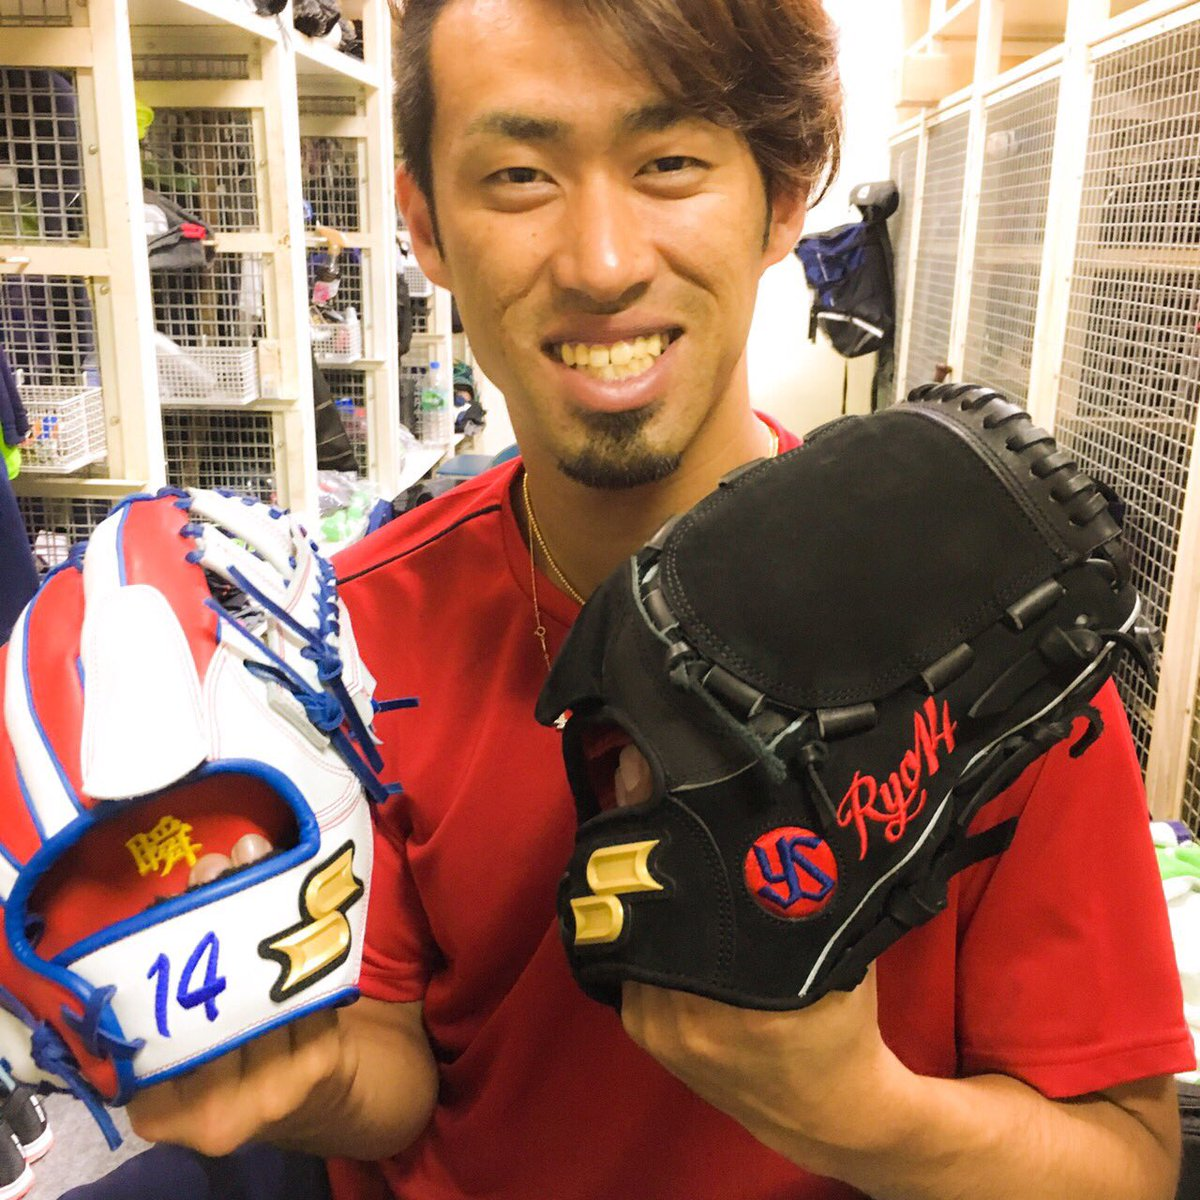 秋吉投手、今年の試合用グローブはSSK社のスエード仕様です。 自慢の一品らしいです。